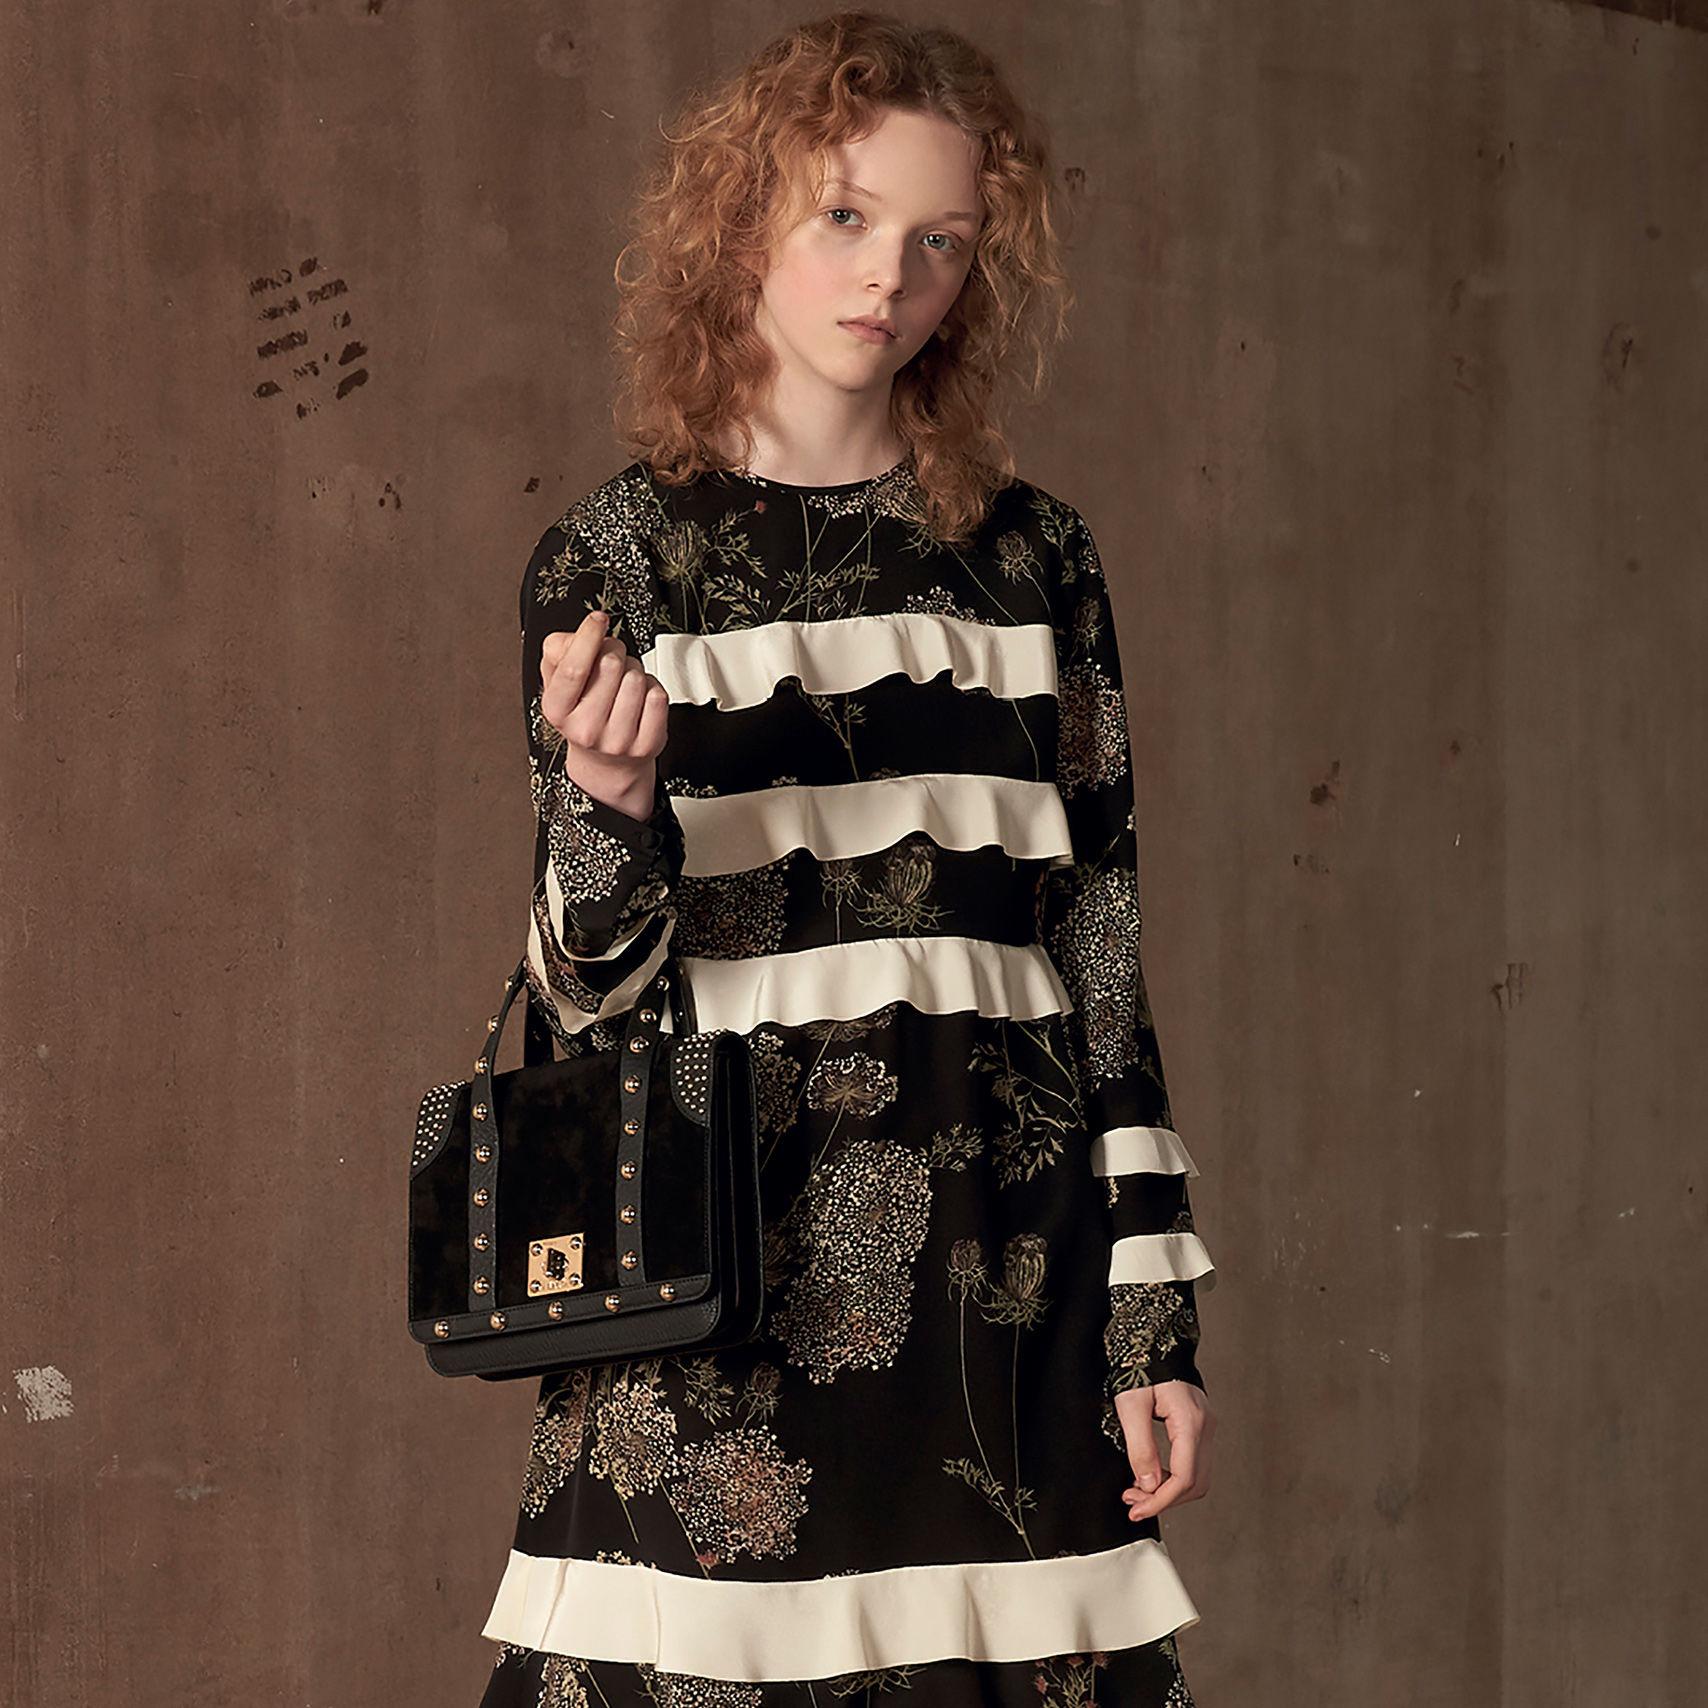 Con su vestido negro indefectible